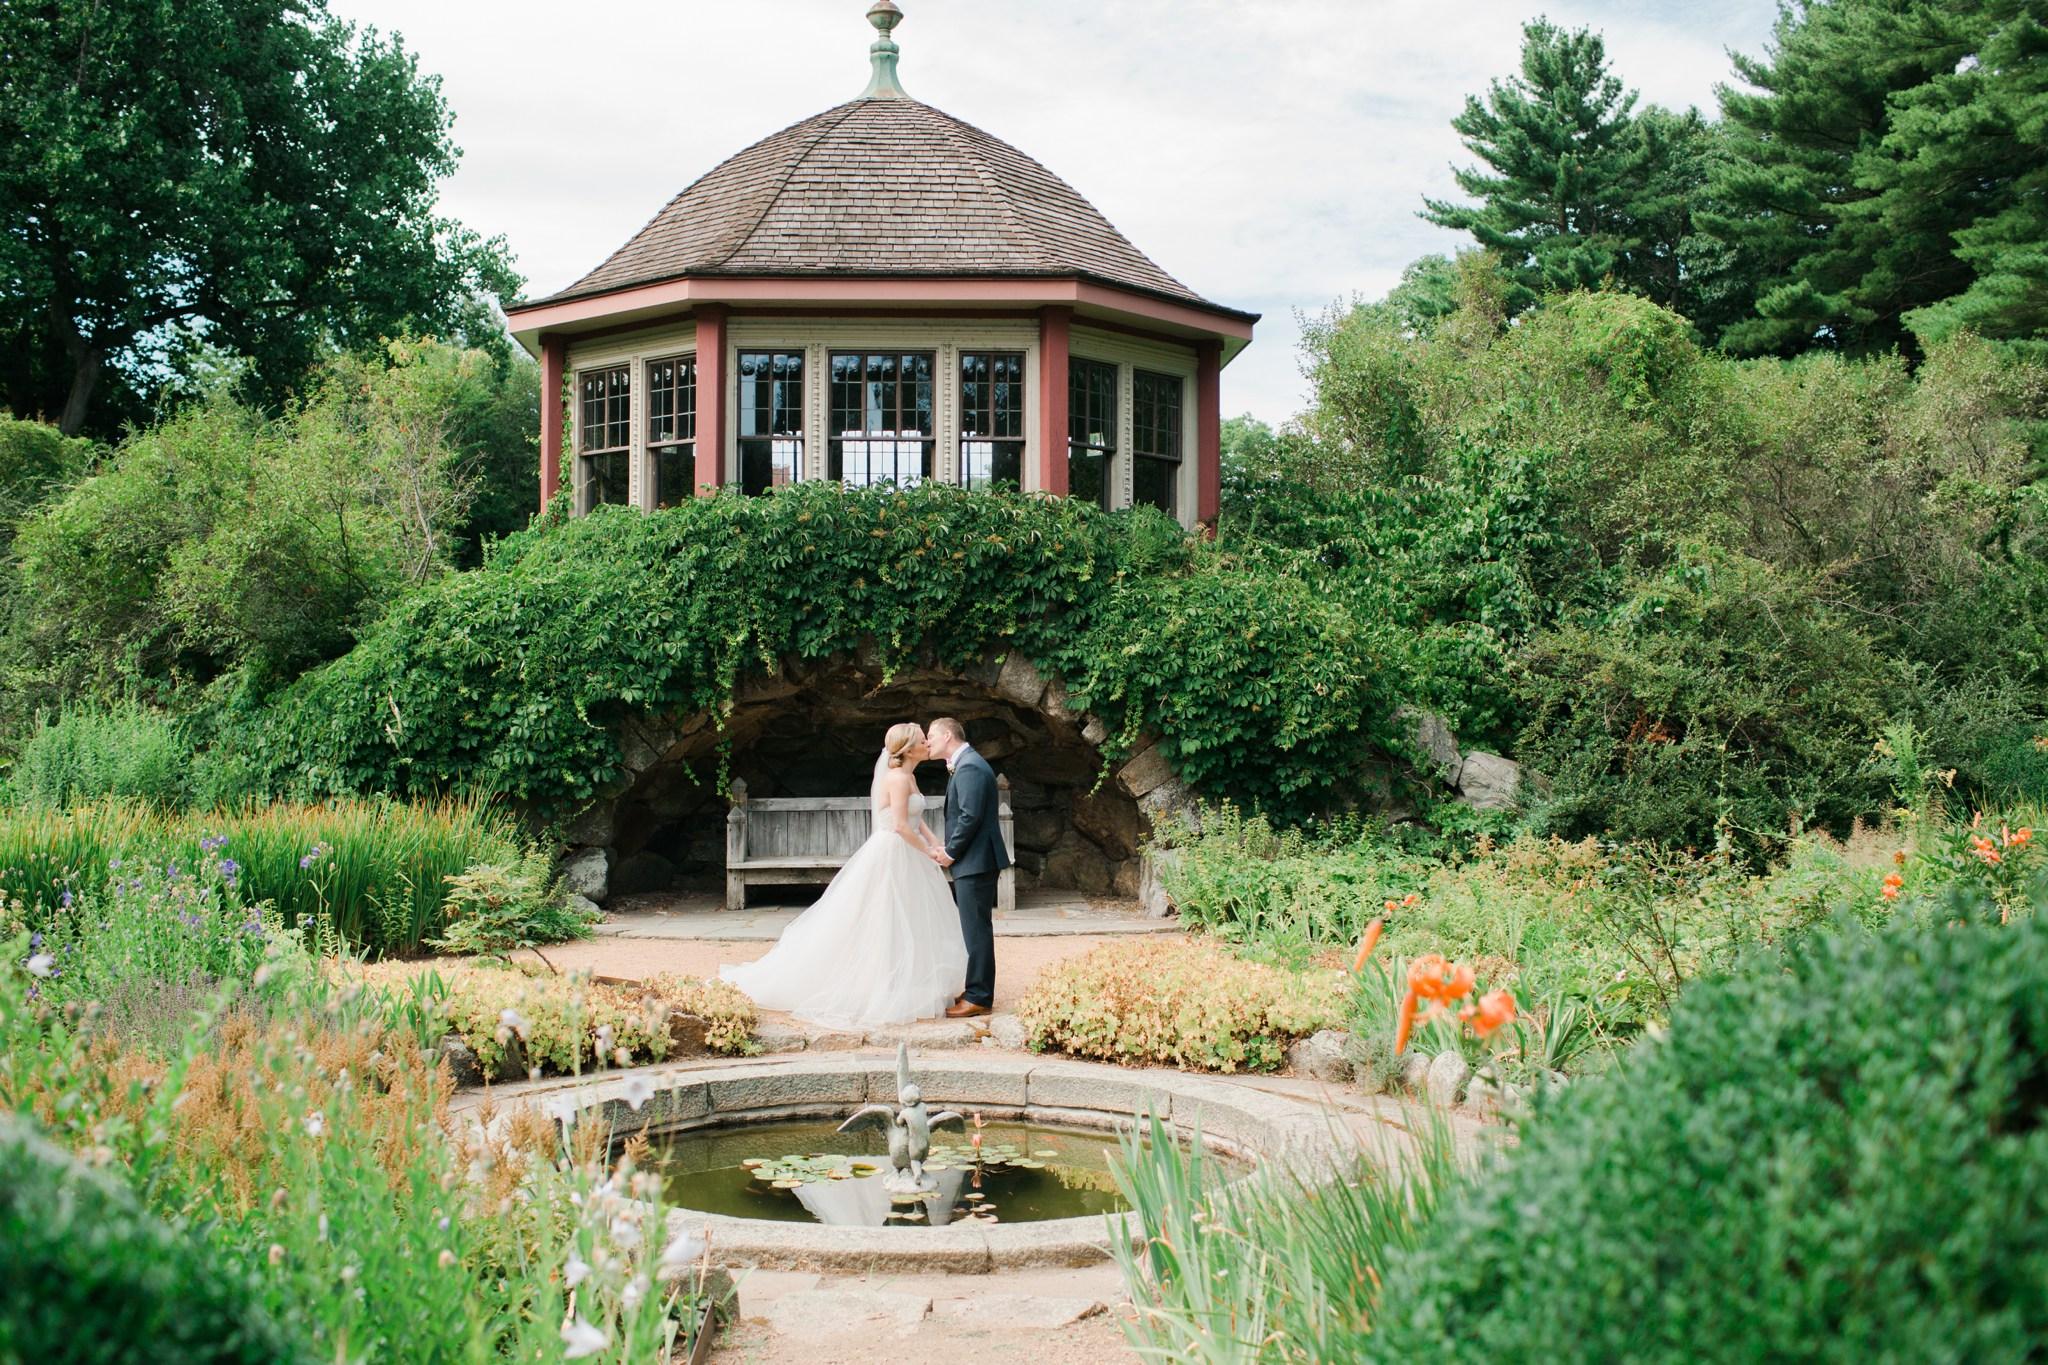 moraine_farm_wedding_deborah_zoe_0027.JPG